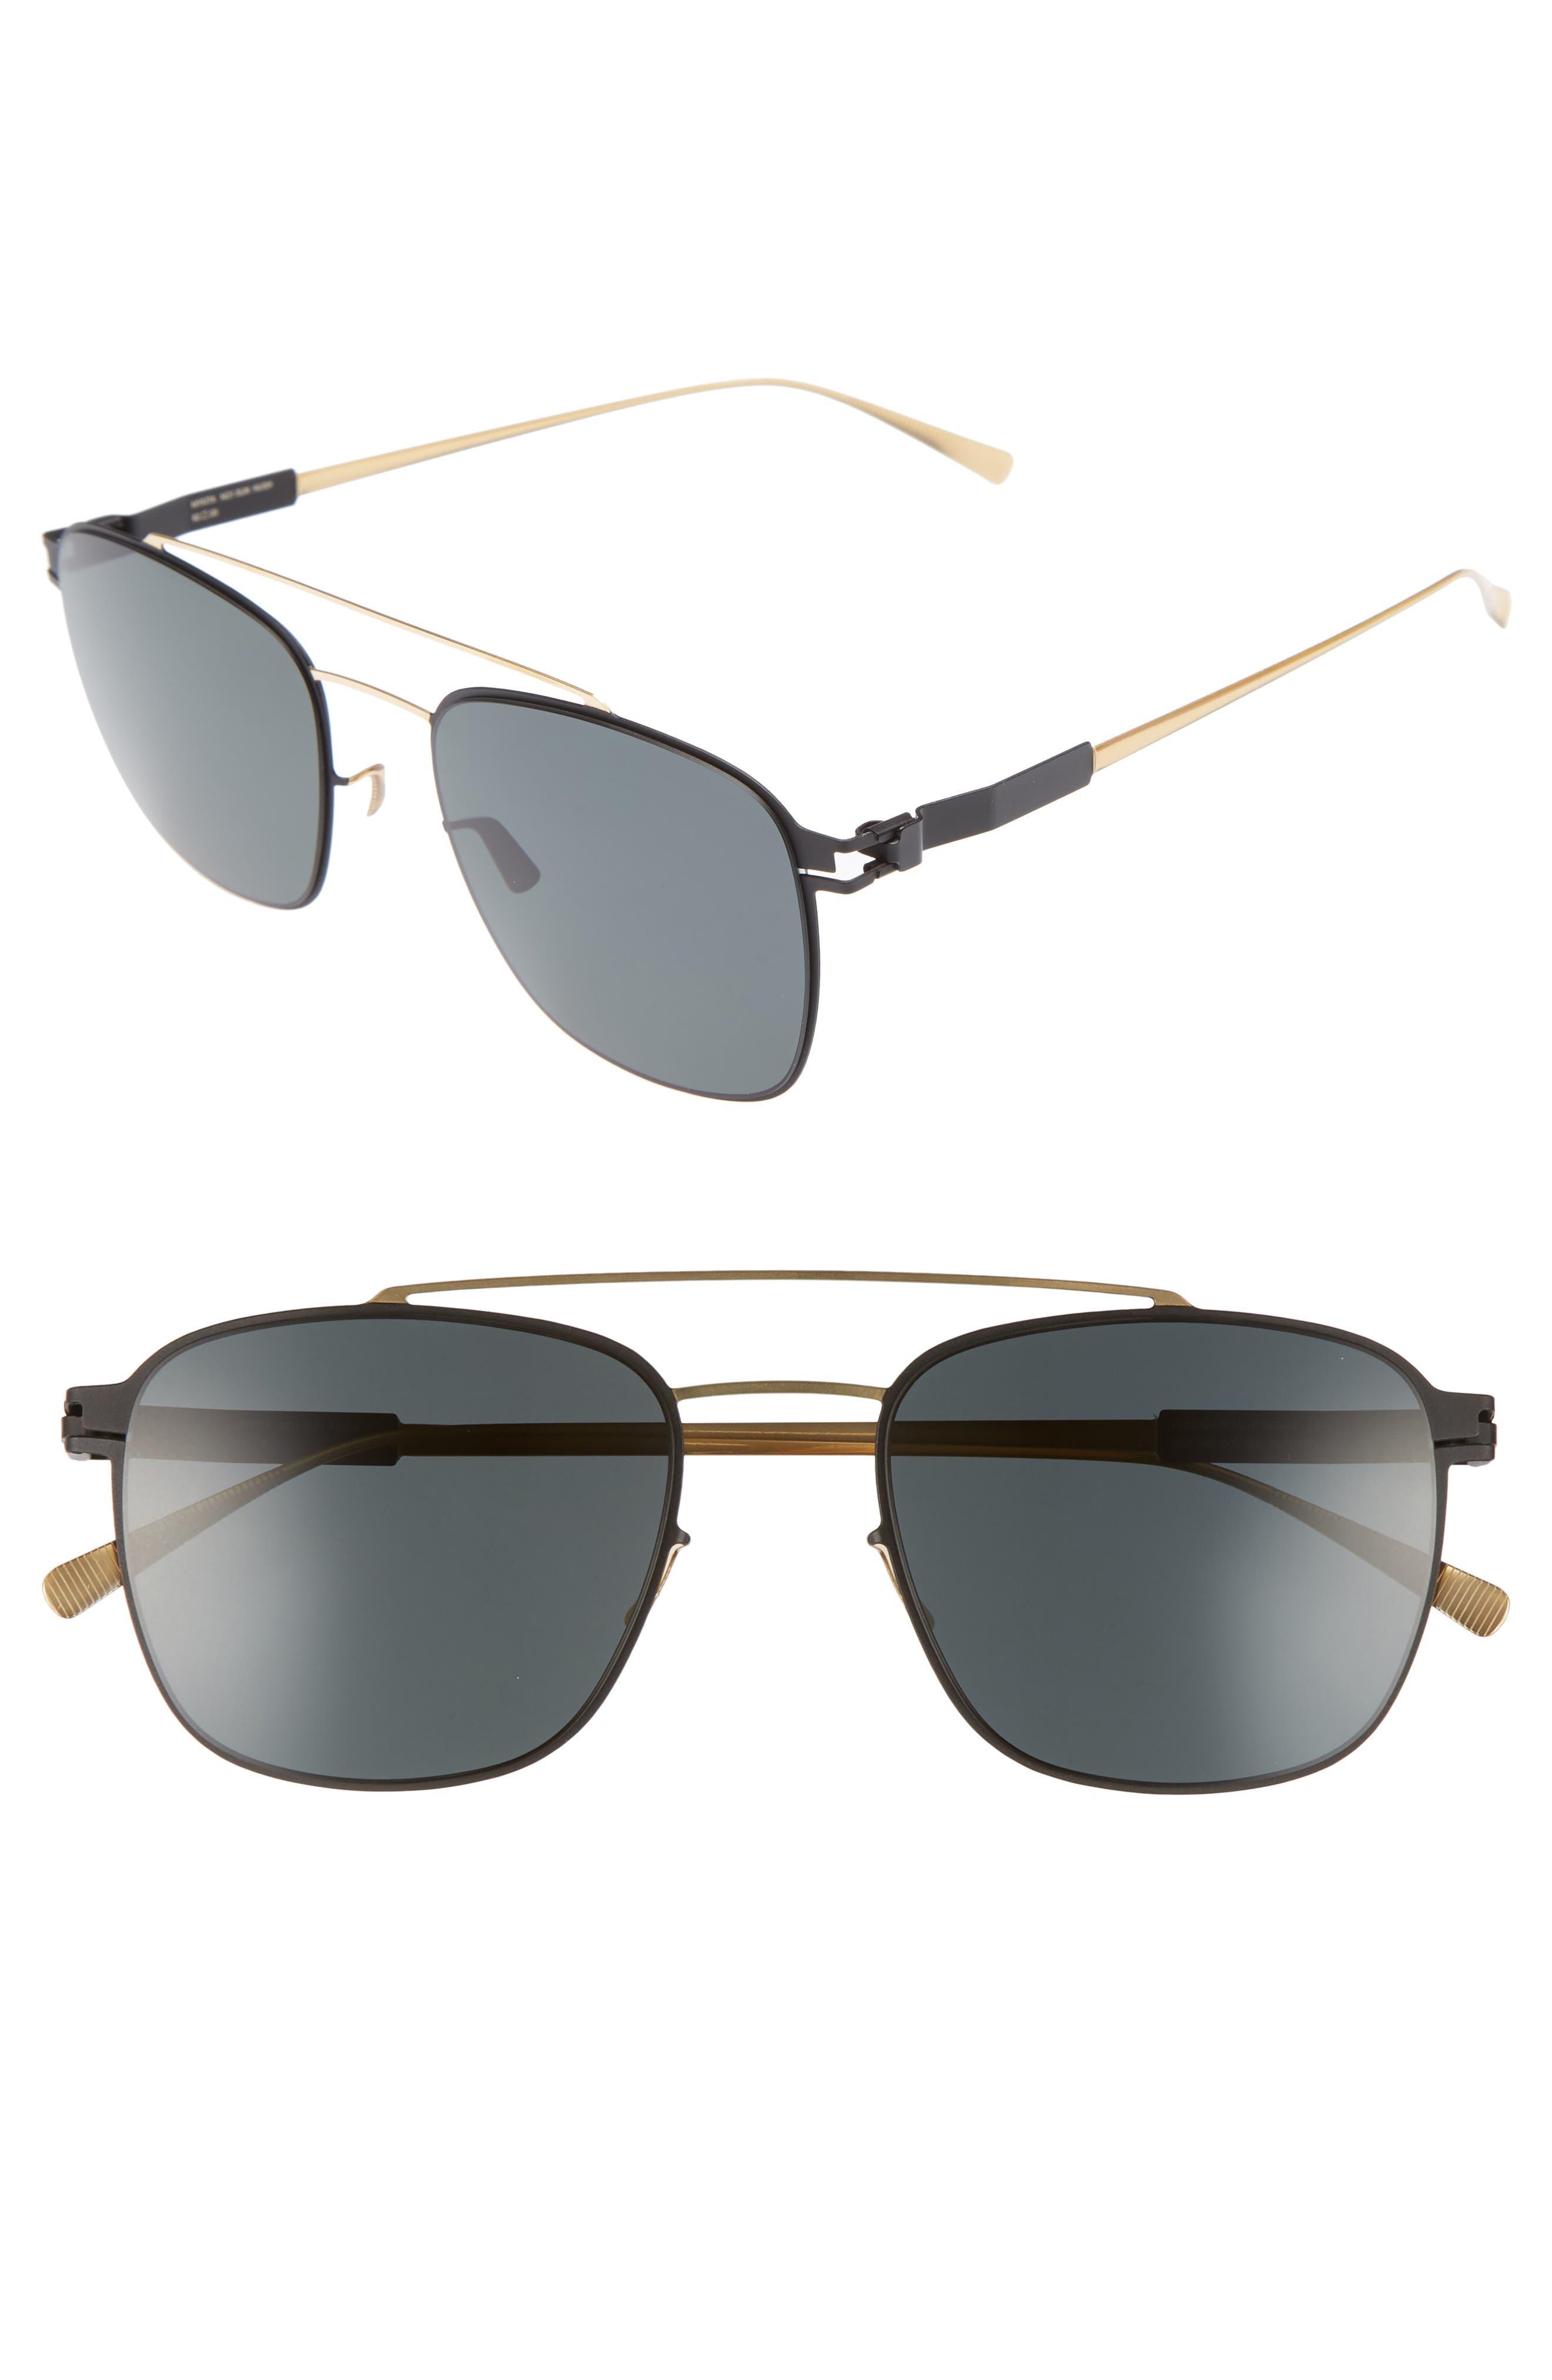 Hugh 52mm Polarized Sunglasses,                             Main thumbnail 1, color,                             Gold/ Black